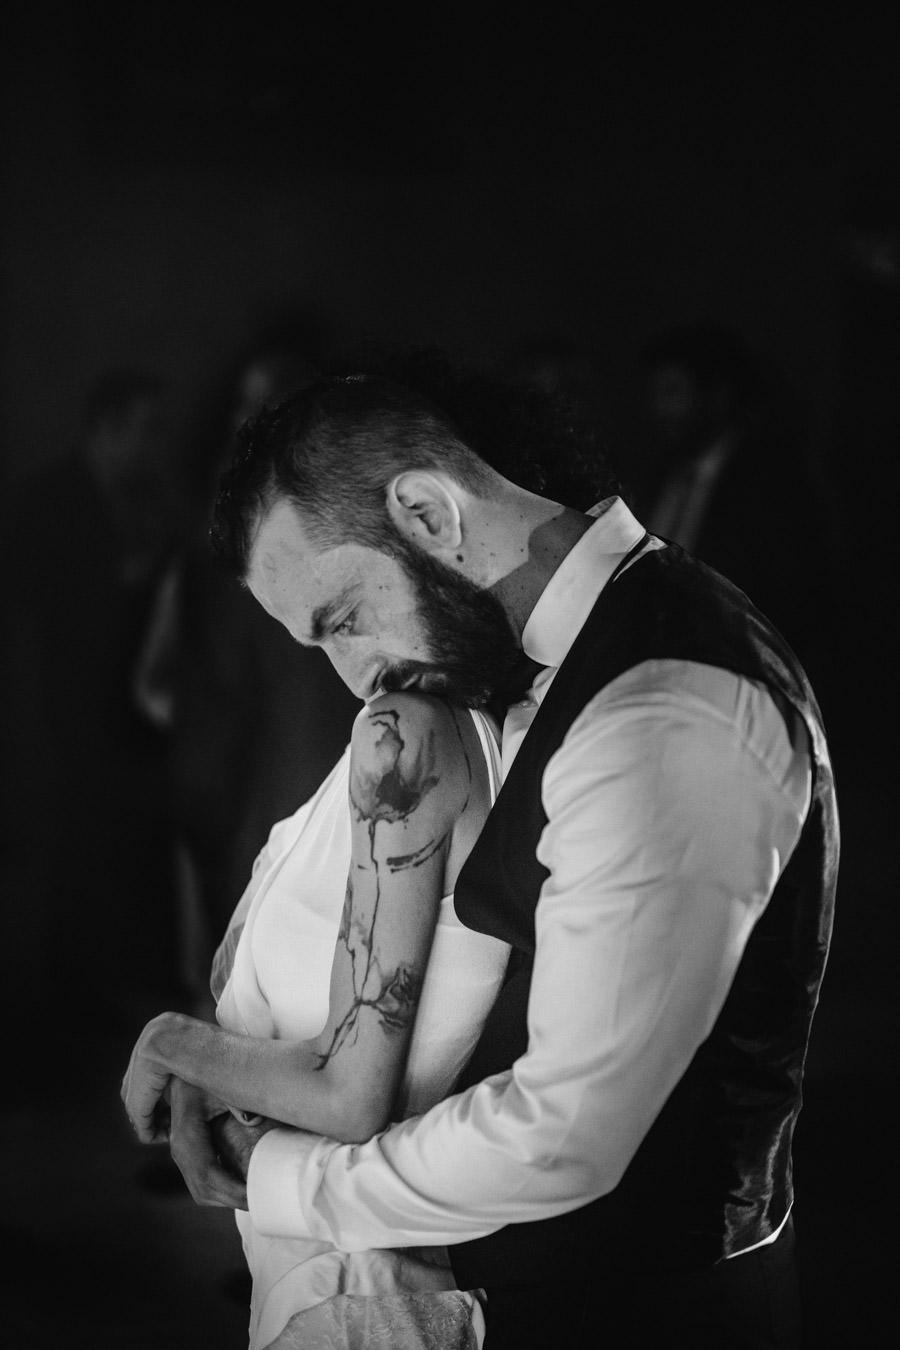 fotografia de casamento amares abraco dos noivos tatuagem